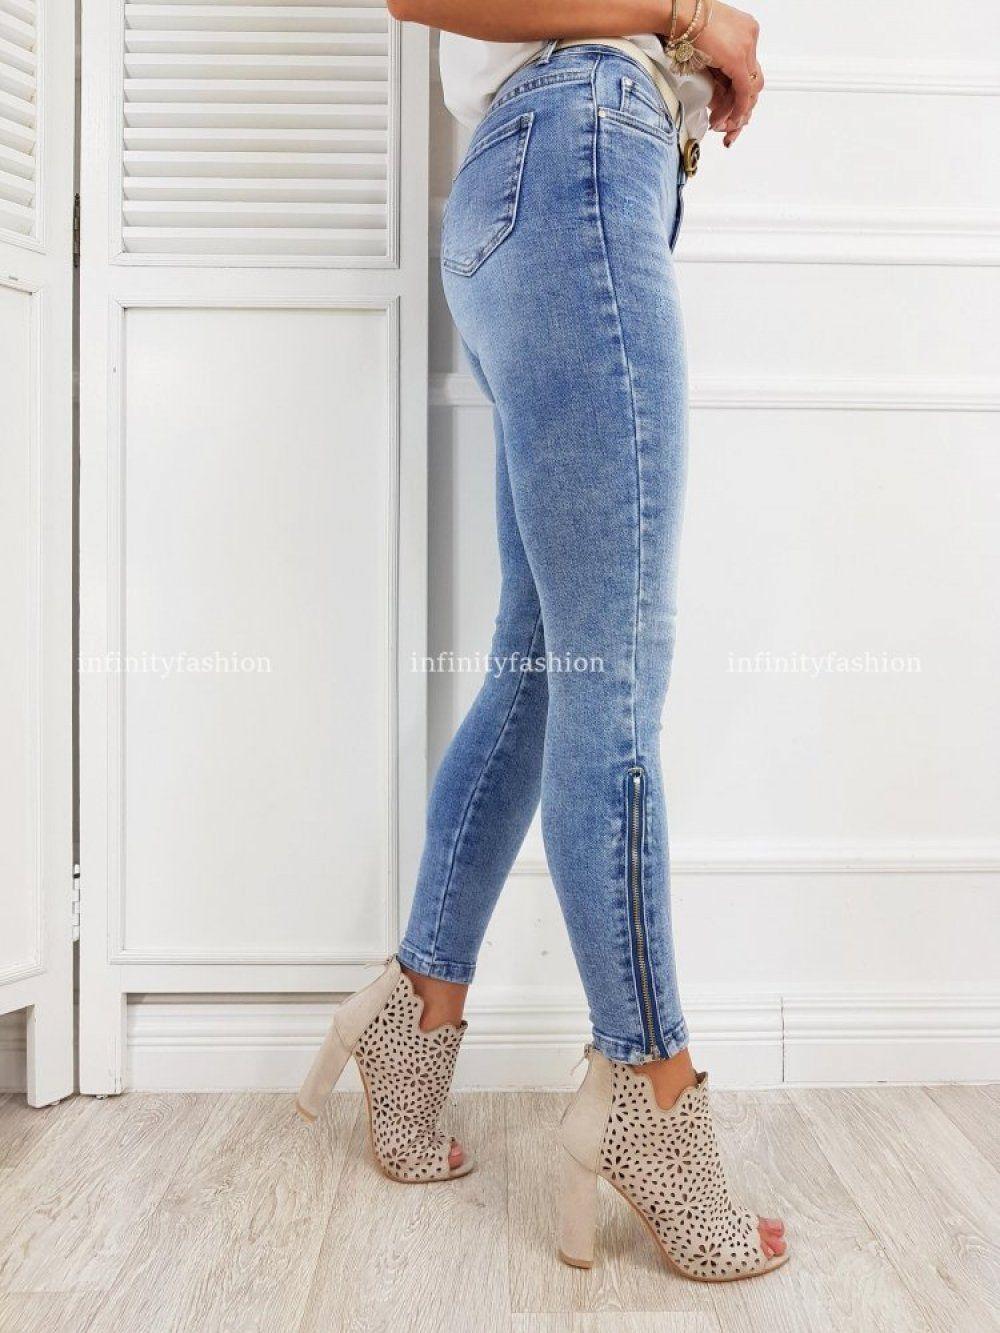 Spodnie Jeansowe Tiziano Spodnie Infinityfashion Skinny Jeans Mom Jeans Fashion